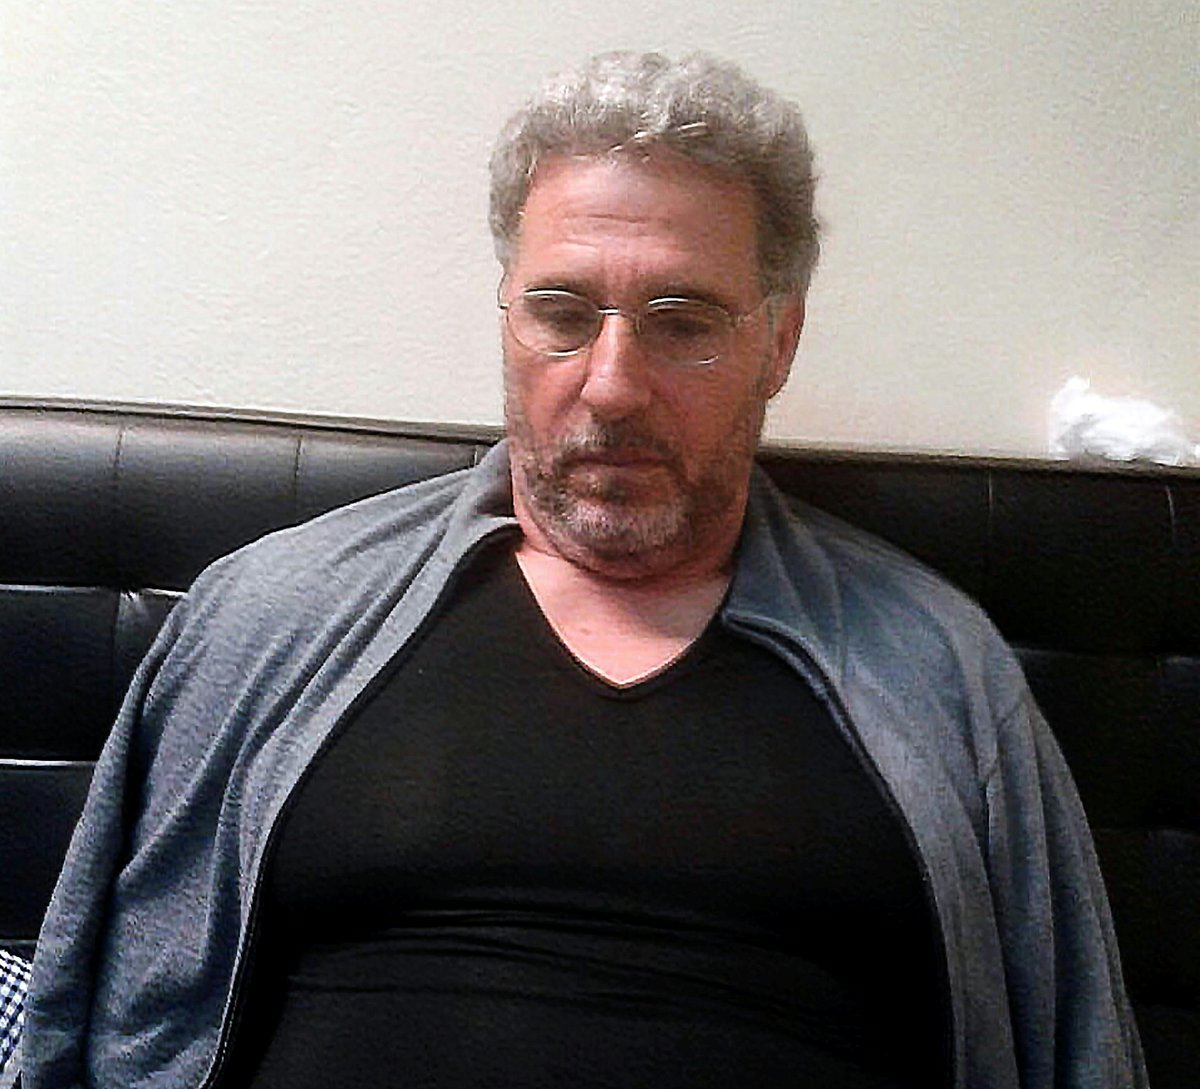 Marital row exposes fugitive mafia boss in Uruguay